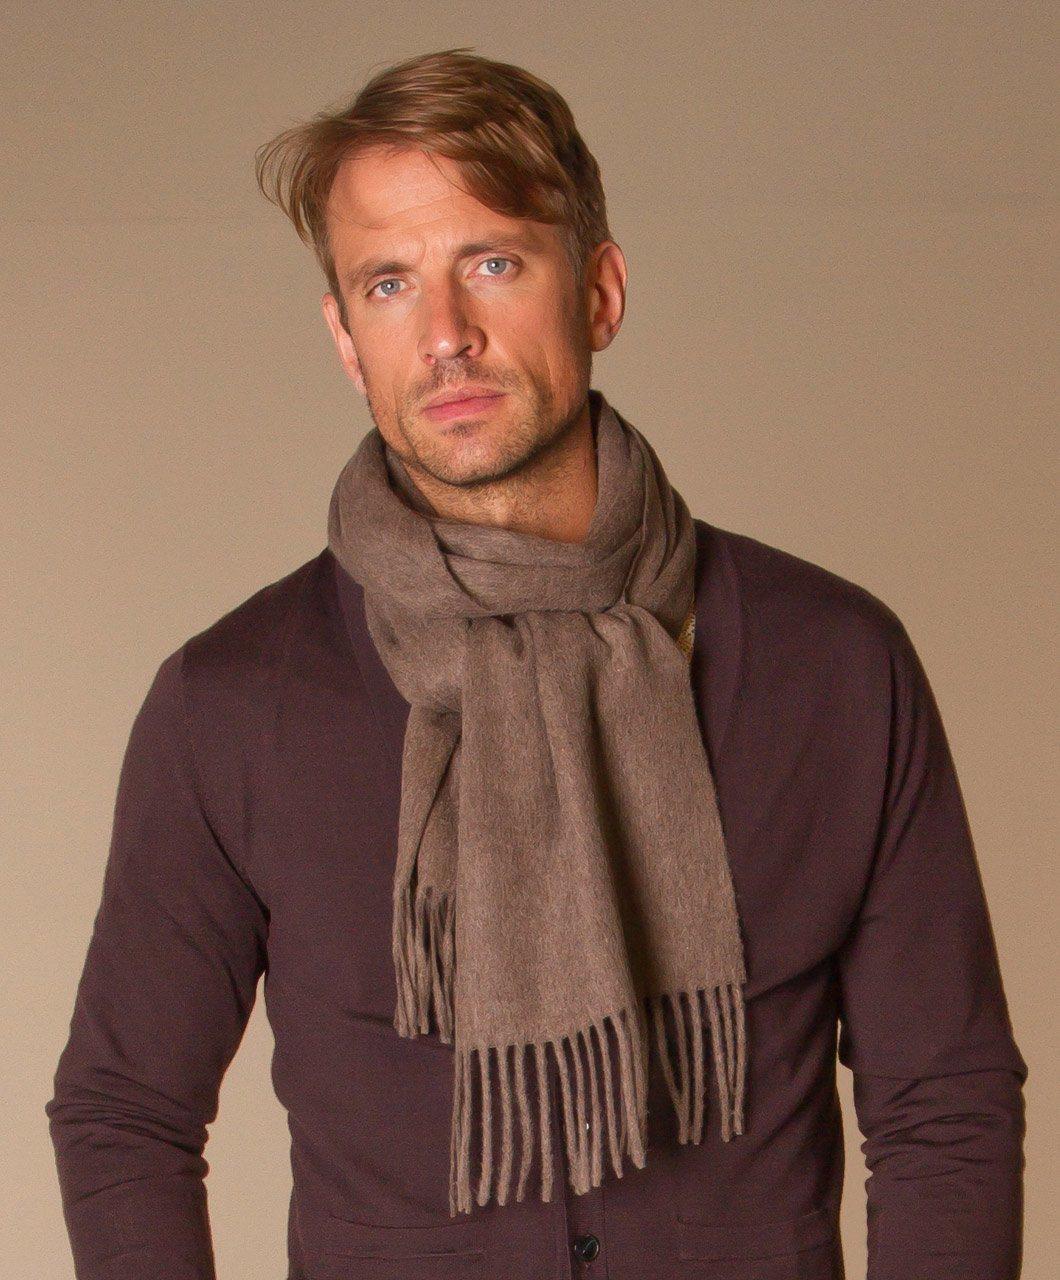 89f663a015e Как завязать шарф мужчине - 6 способов